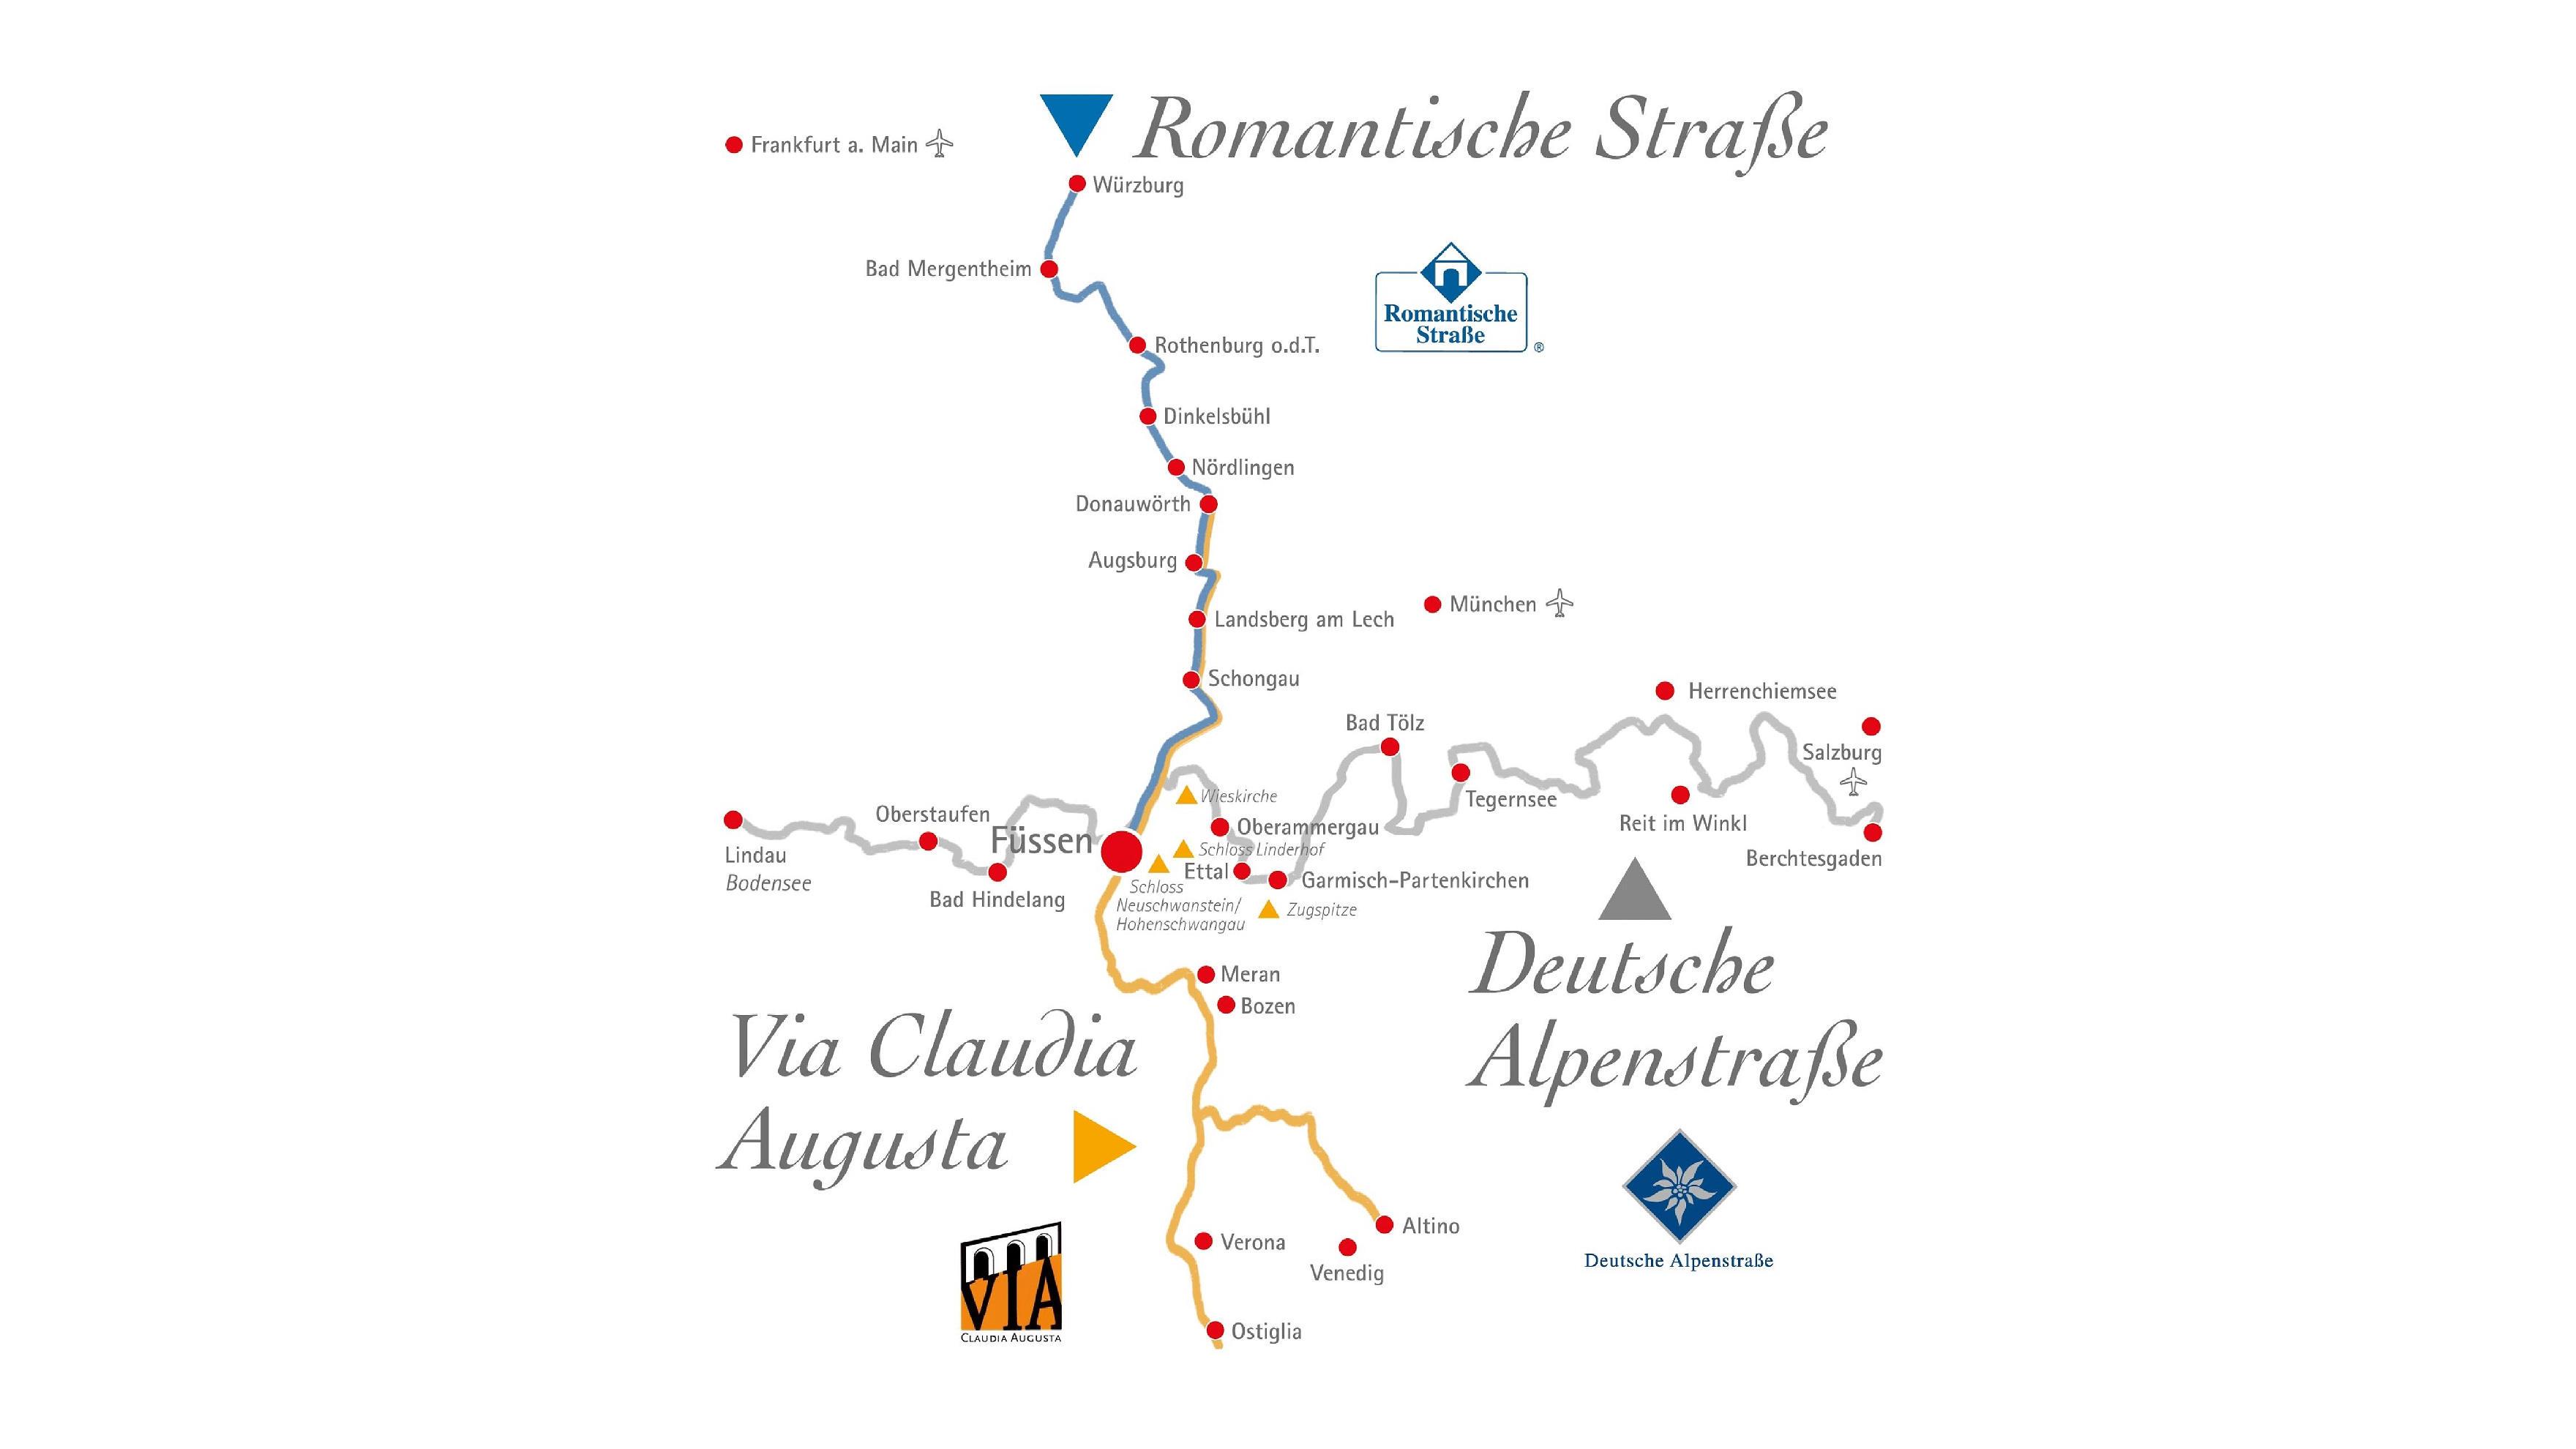 Romantische Straße Karte.Ferienstraßen In Füssen